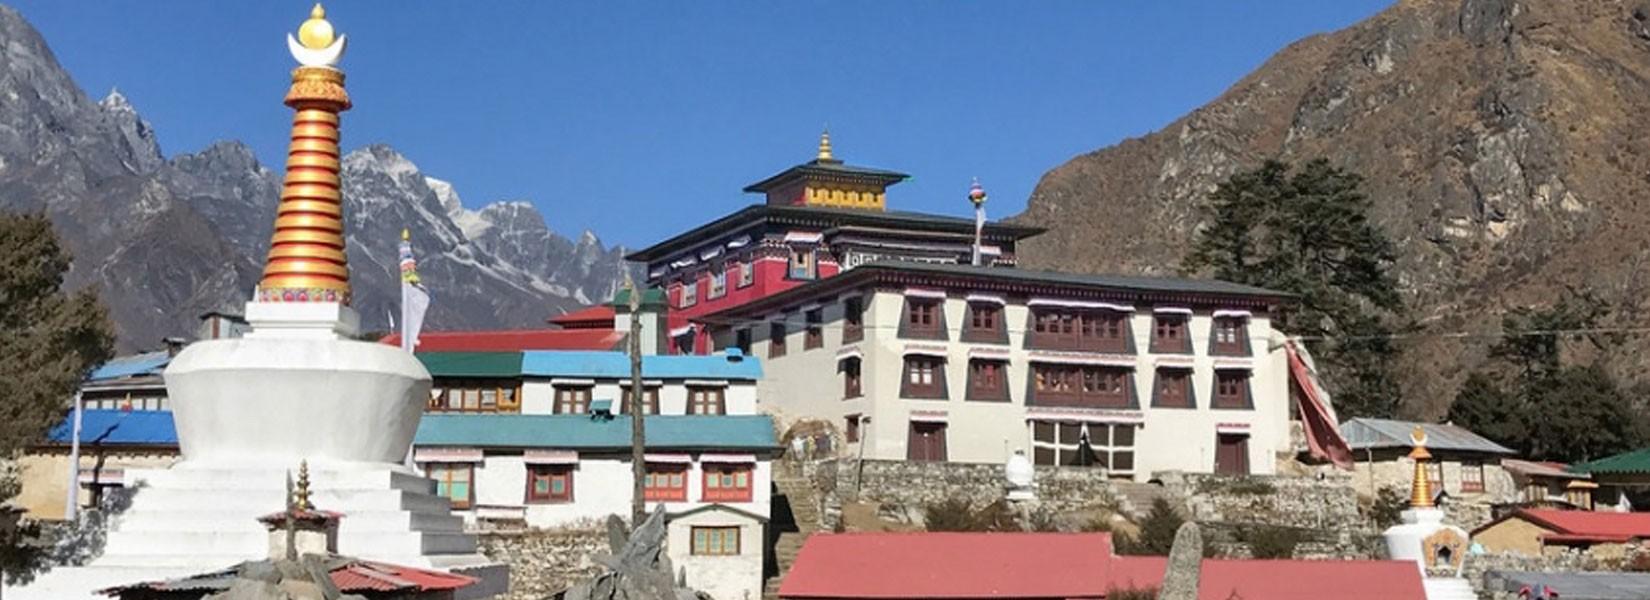 Salleri to Everest Base Camp Trekking